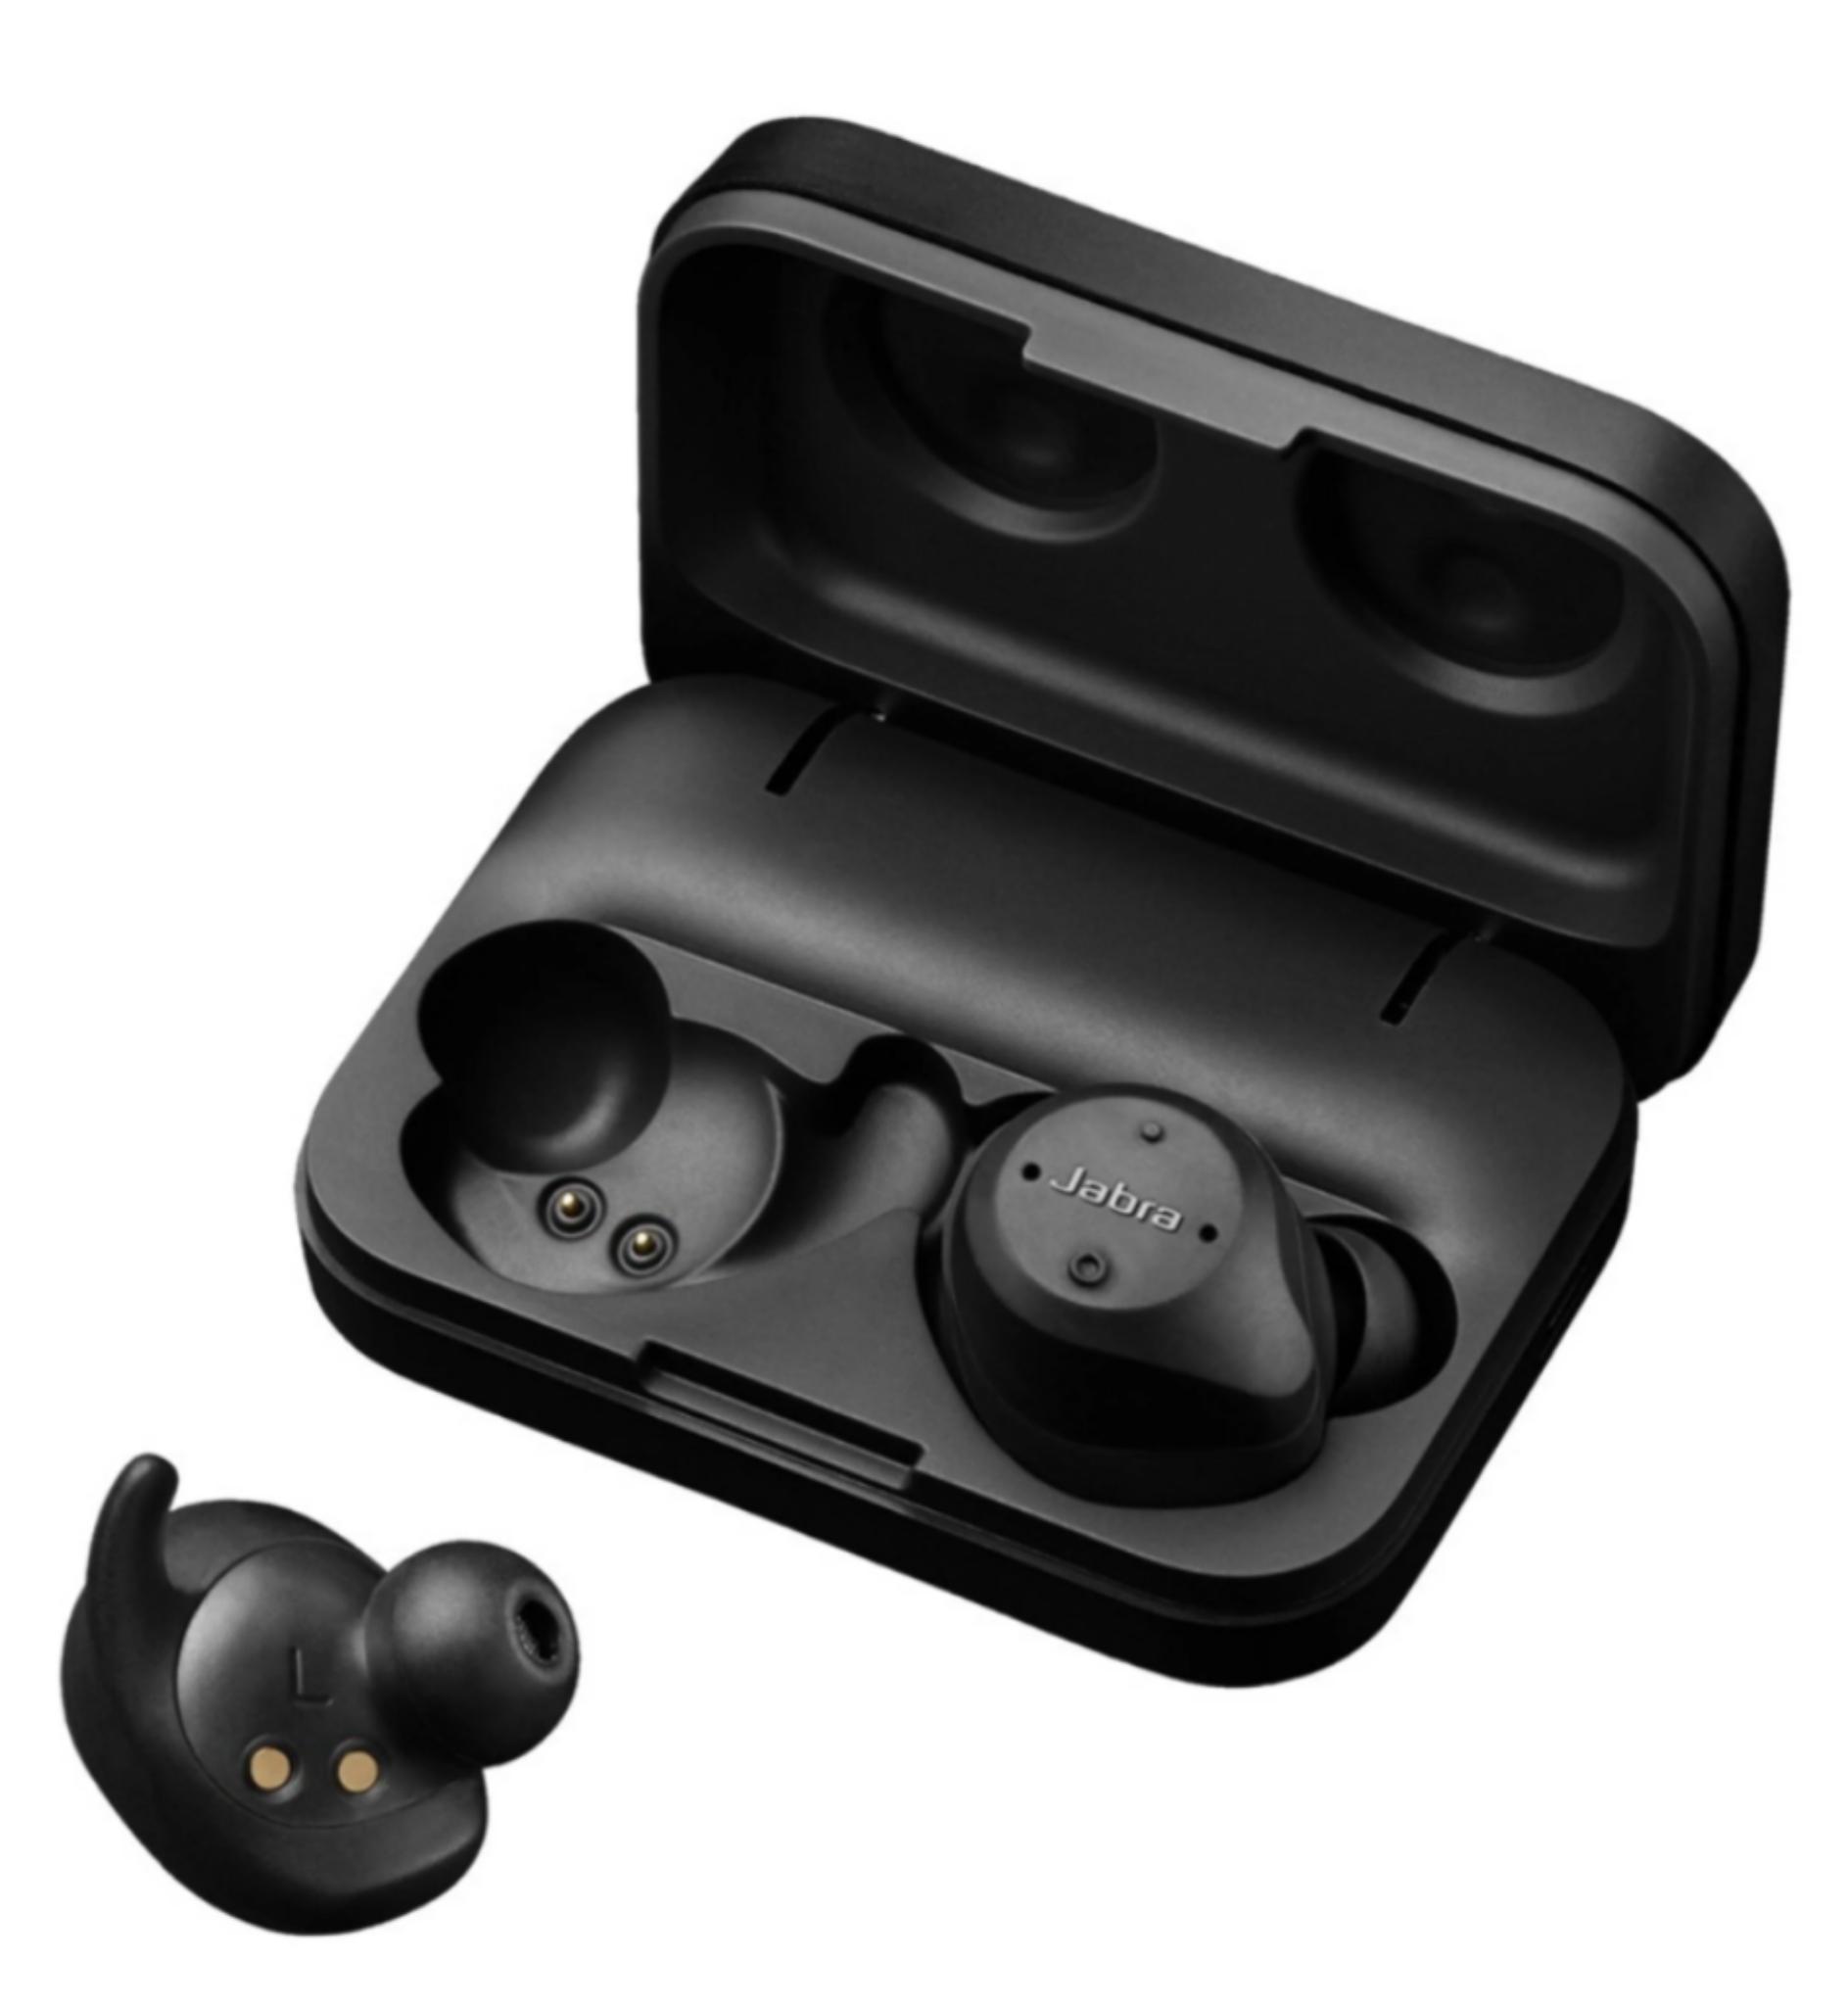 Jabra Elite Sport Earbuds – Wireless Earphones with Integrated Fitness App (Black) £89.99 @ Amazon